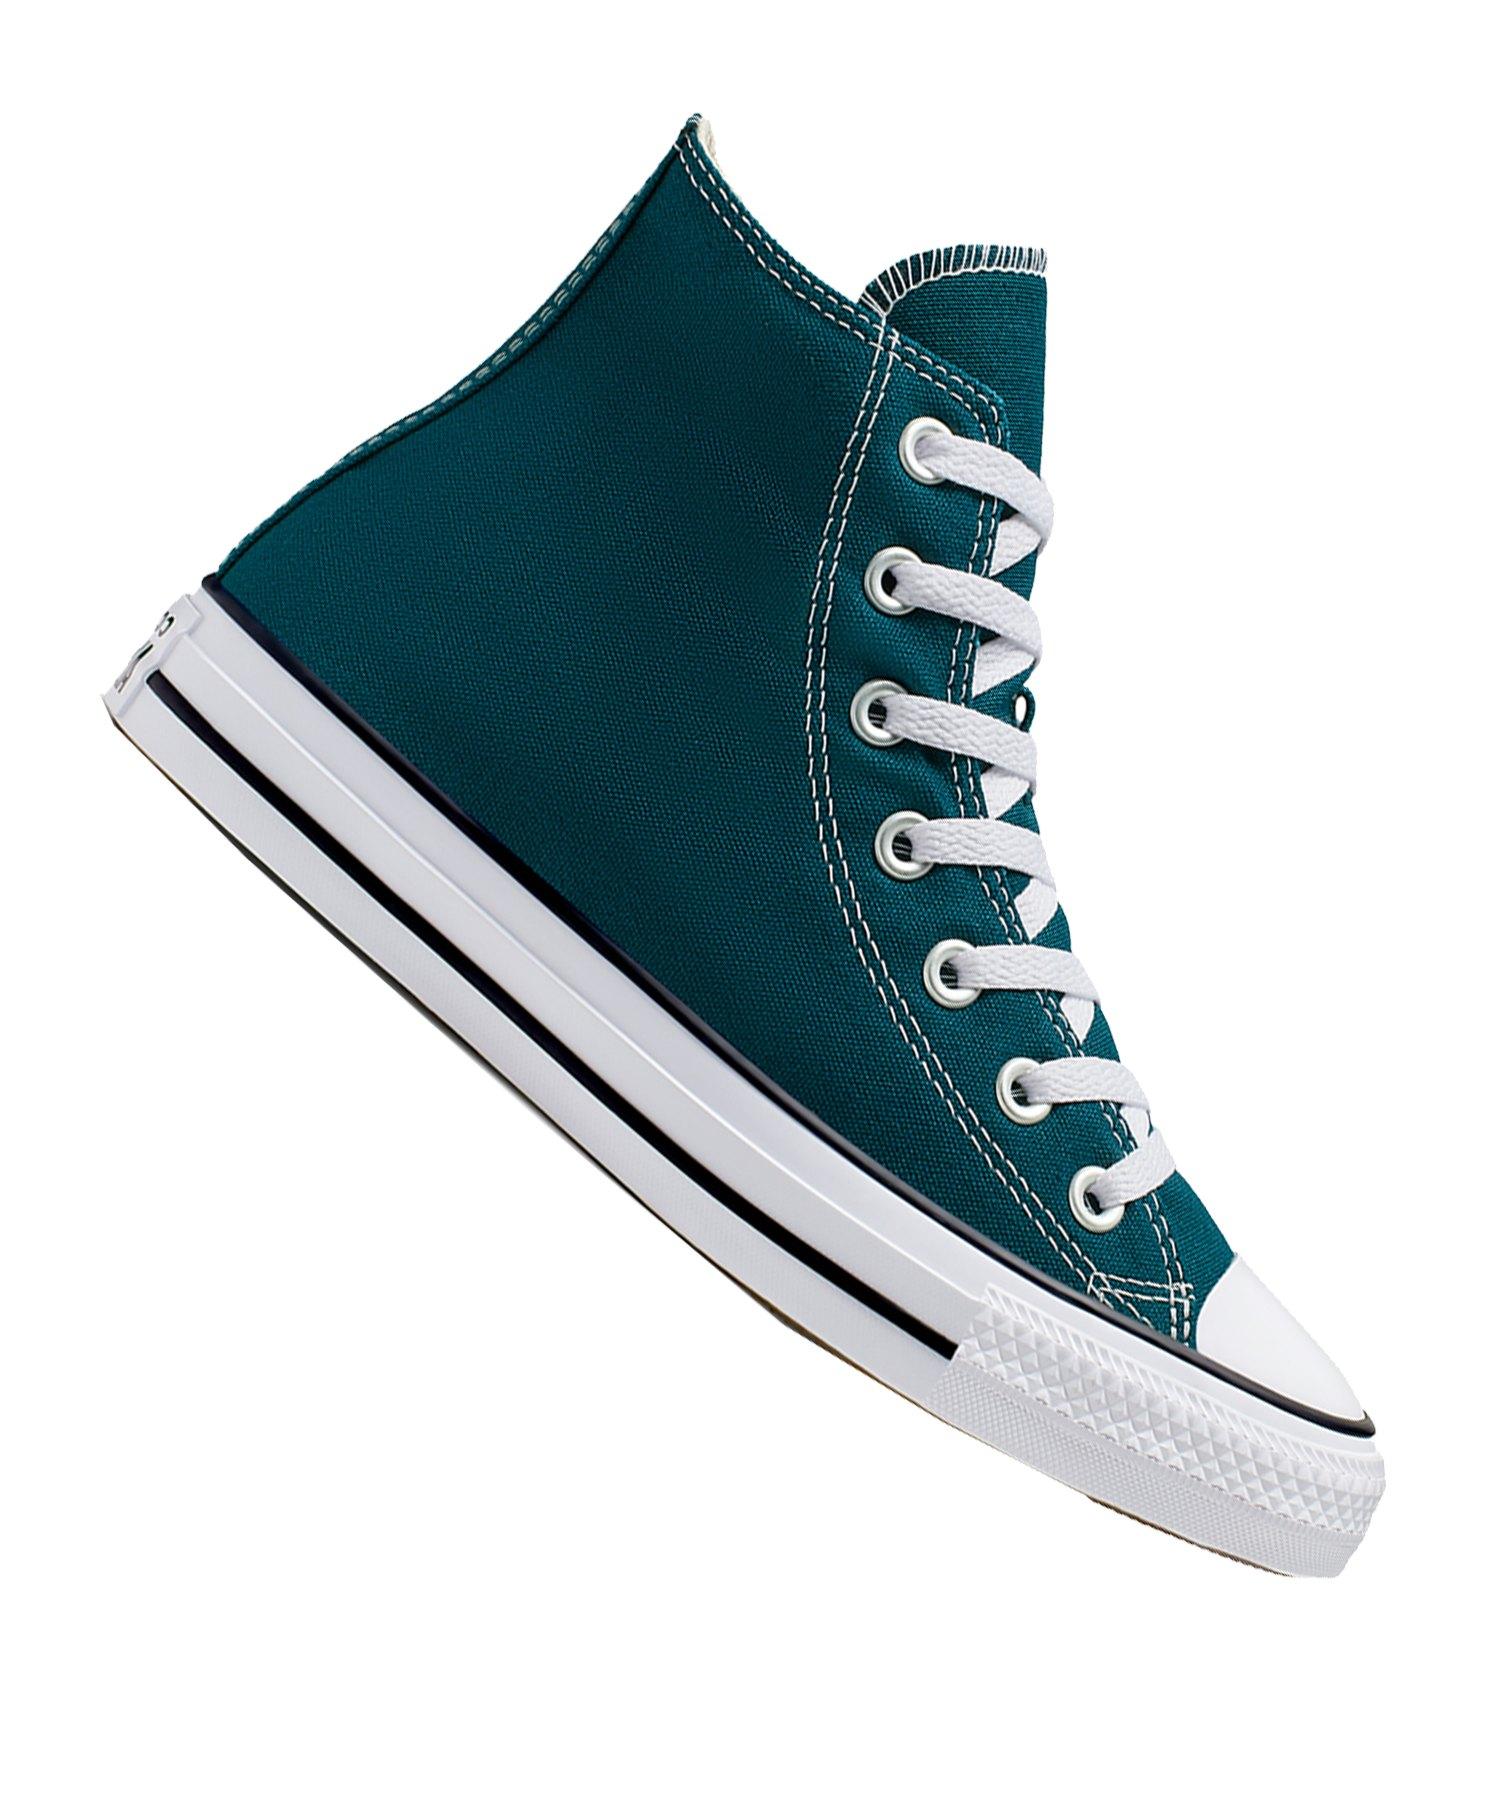 Converse Chuck Taylor All Star High Sneaker Türkis - türkis